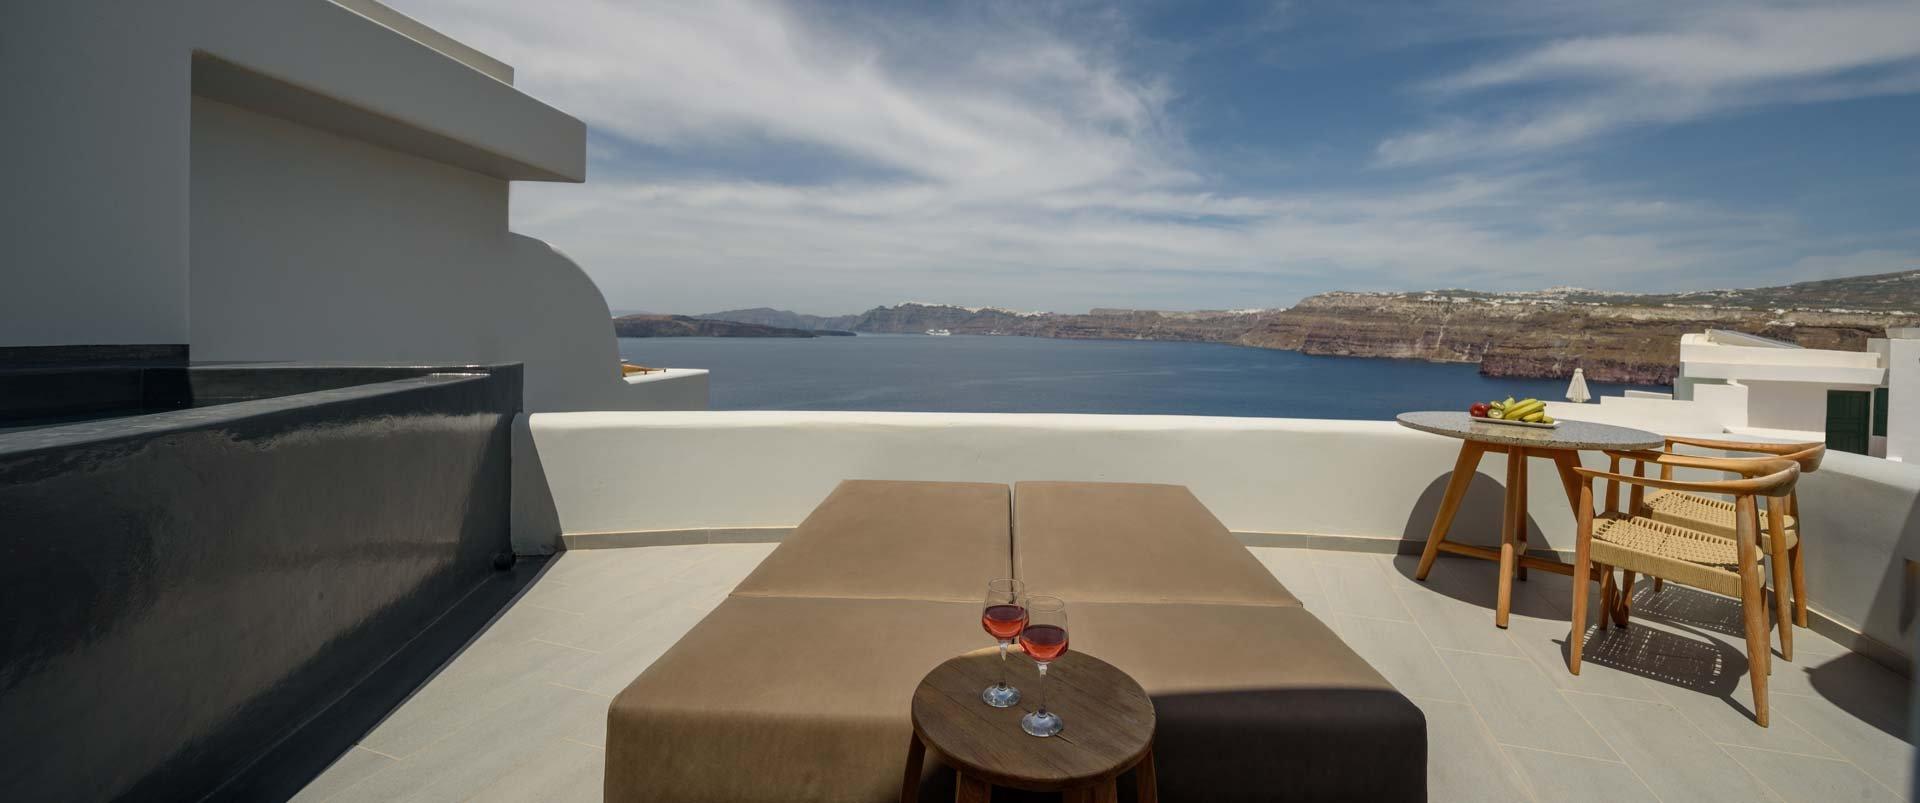 Premium Spa Suite - Caldera view